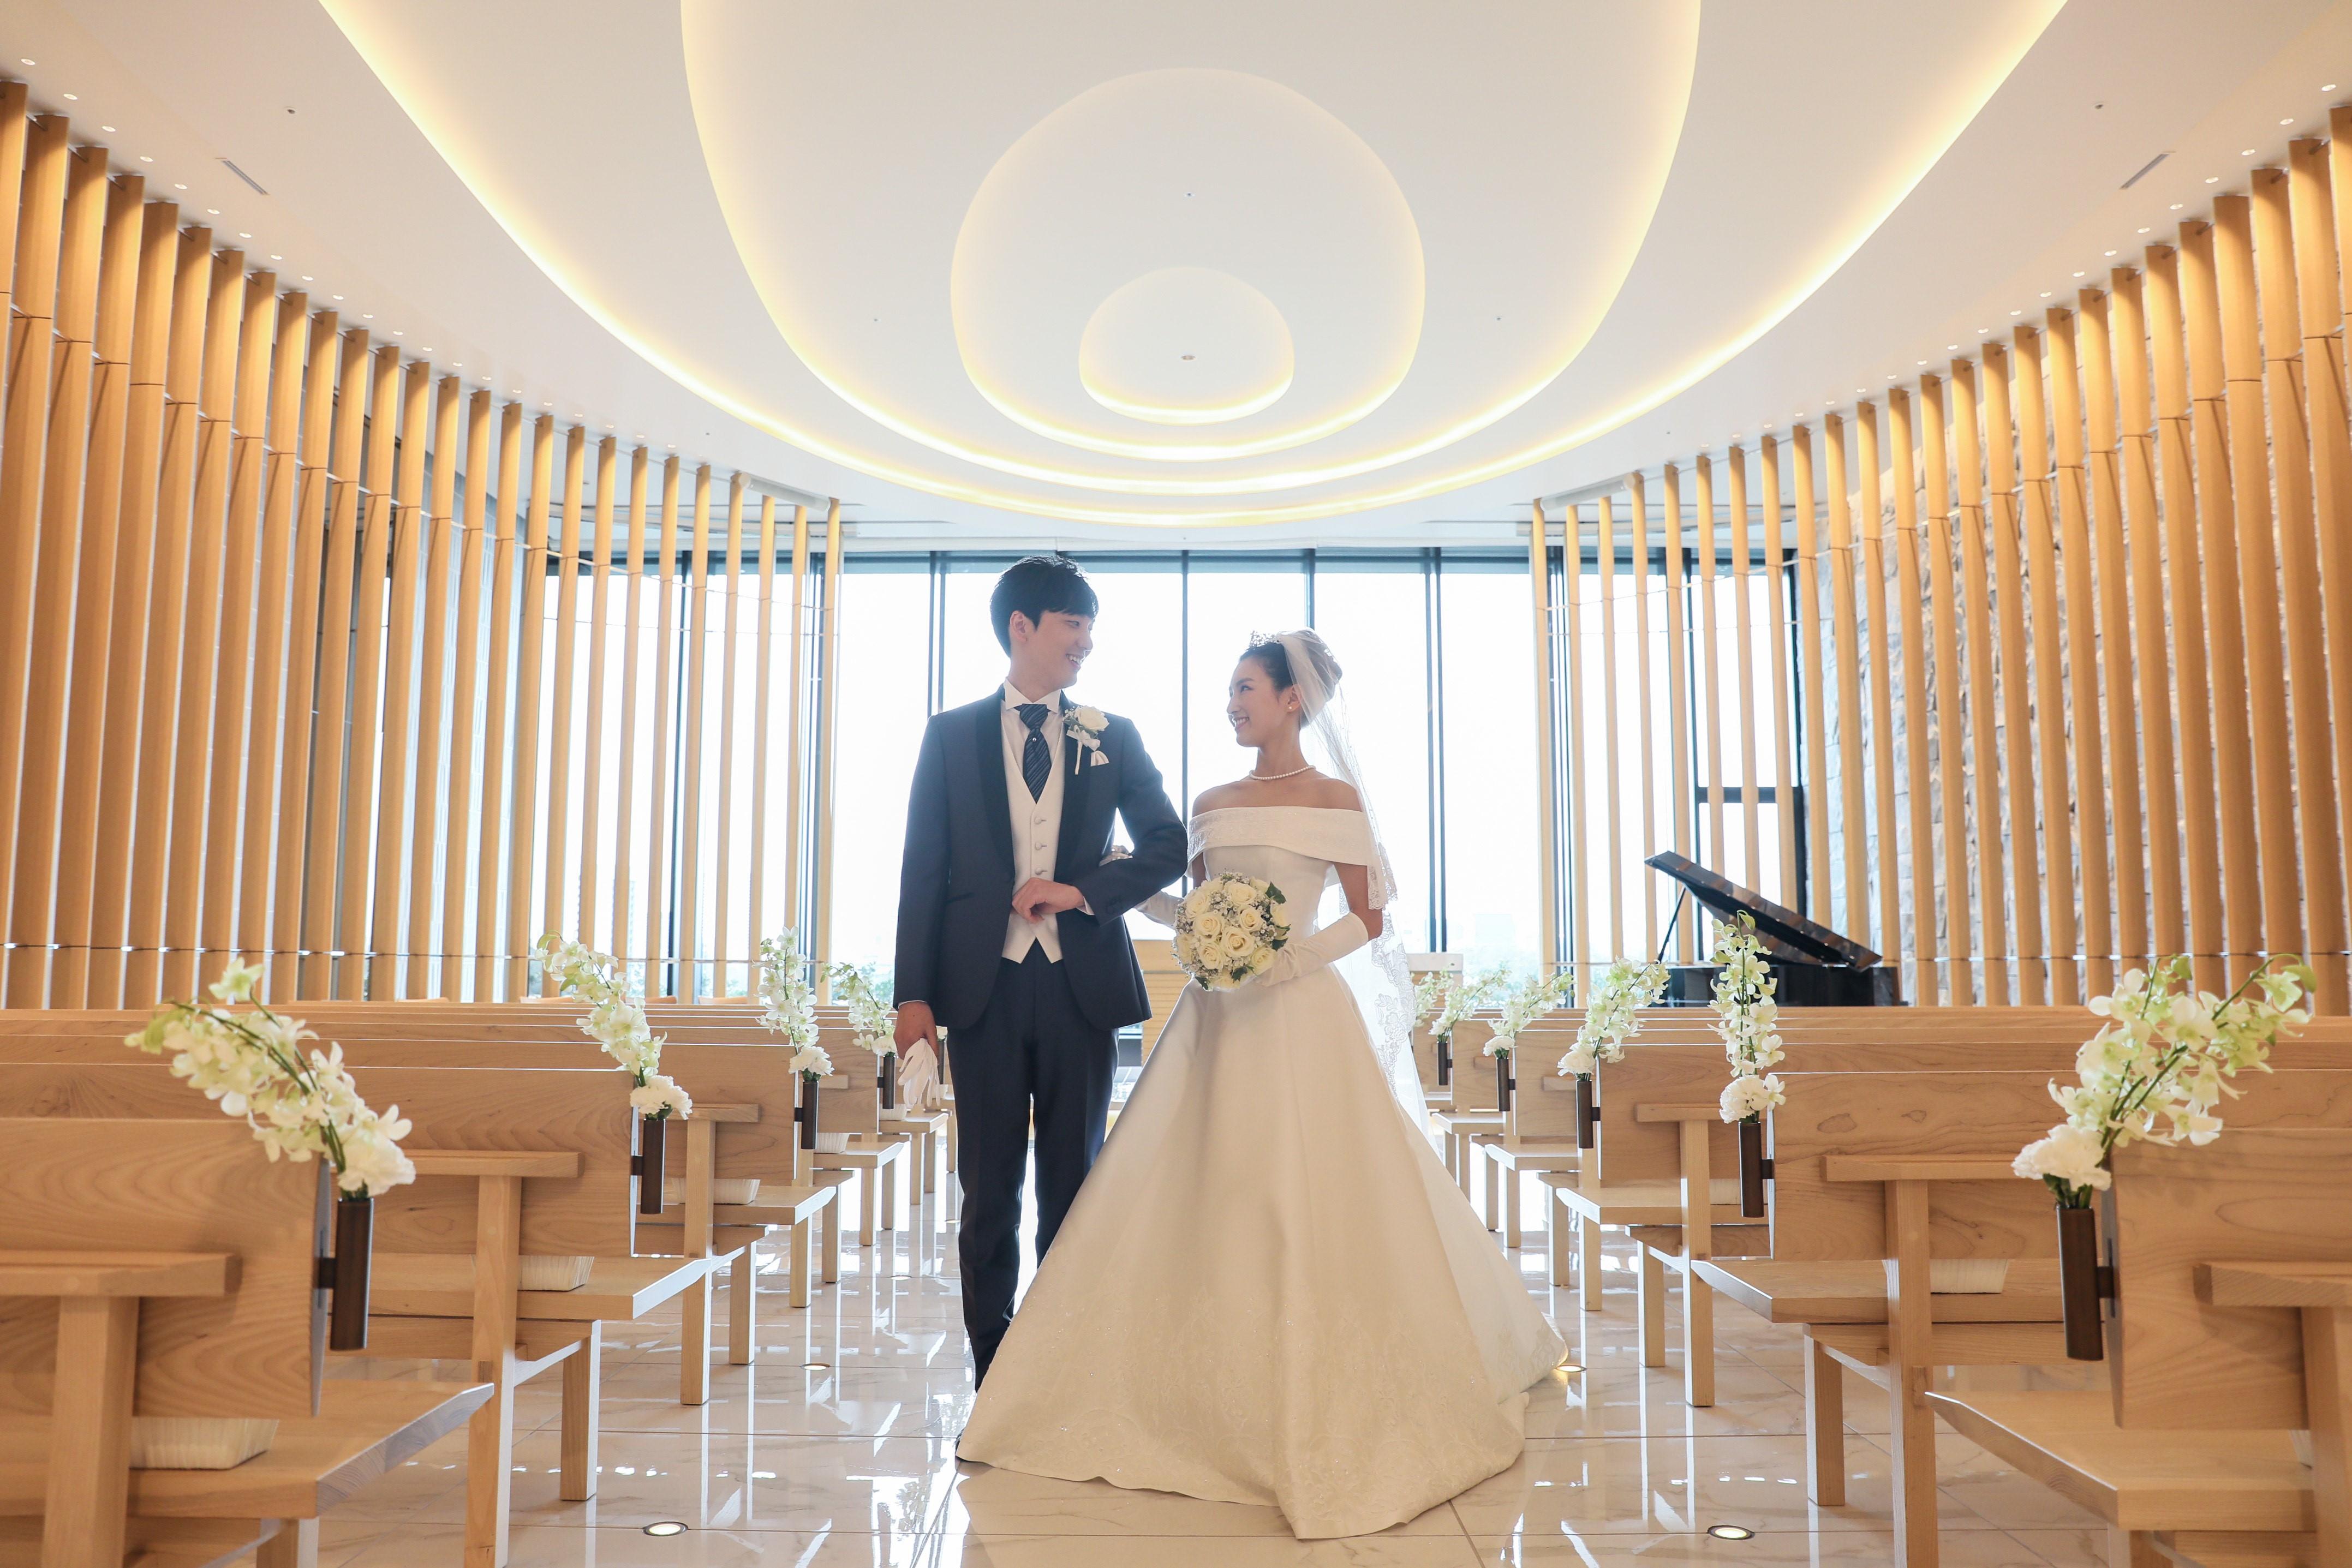 東京會舘のチャペルに似合うクラシカルなウェディングドレス